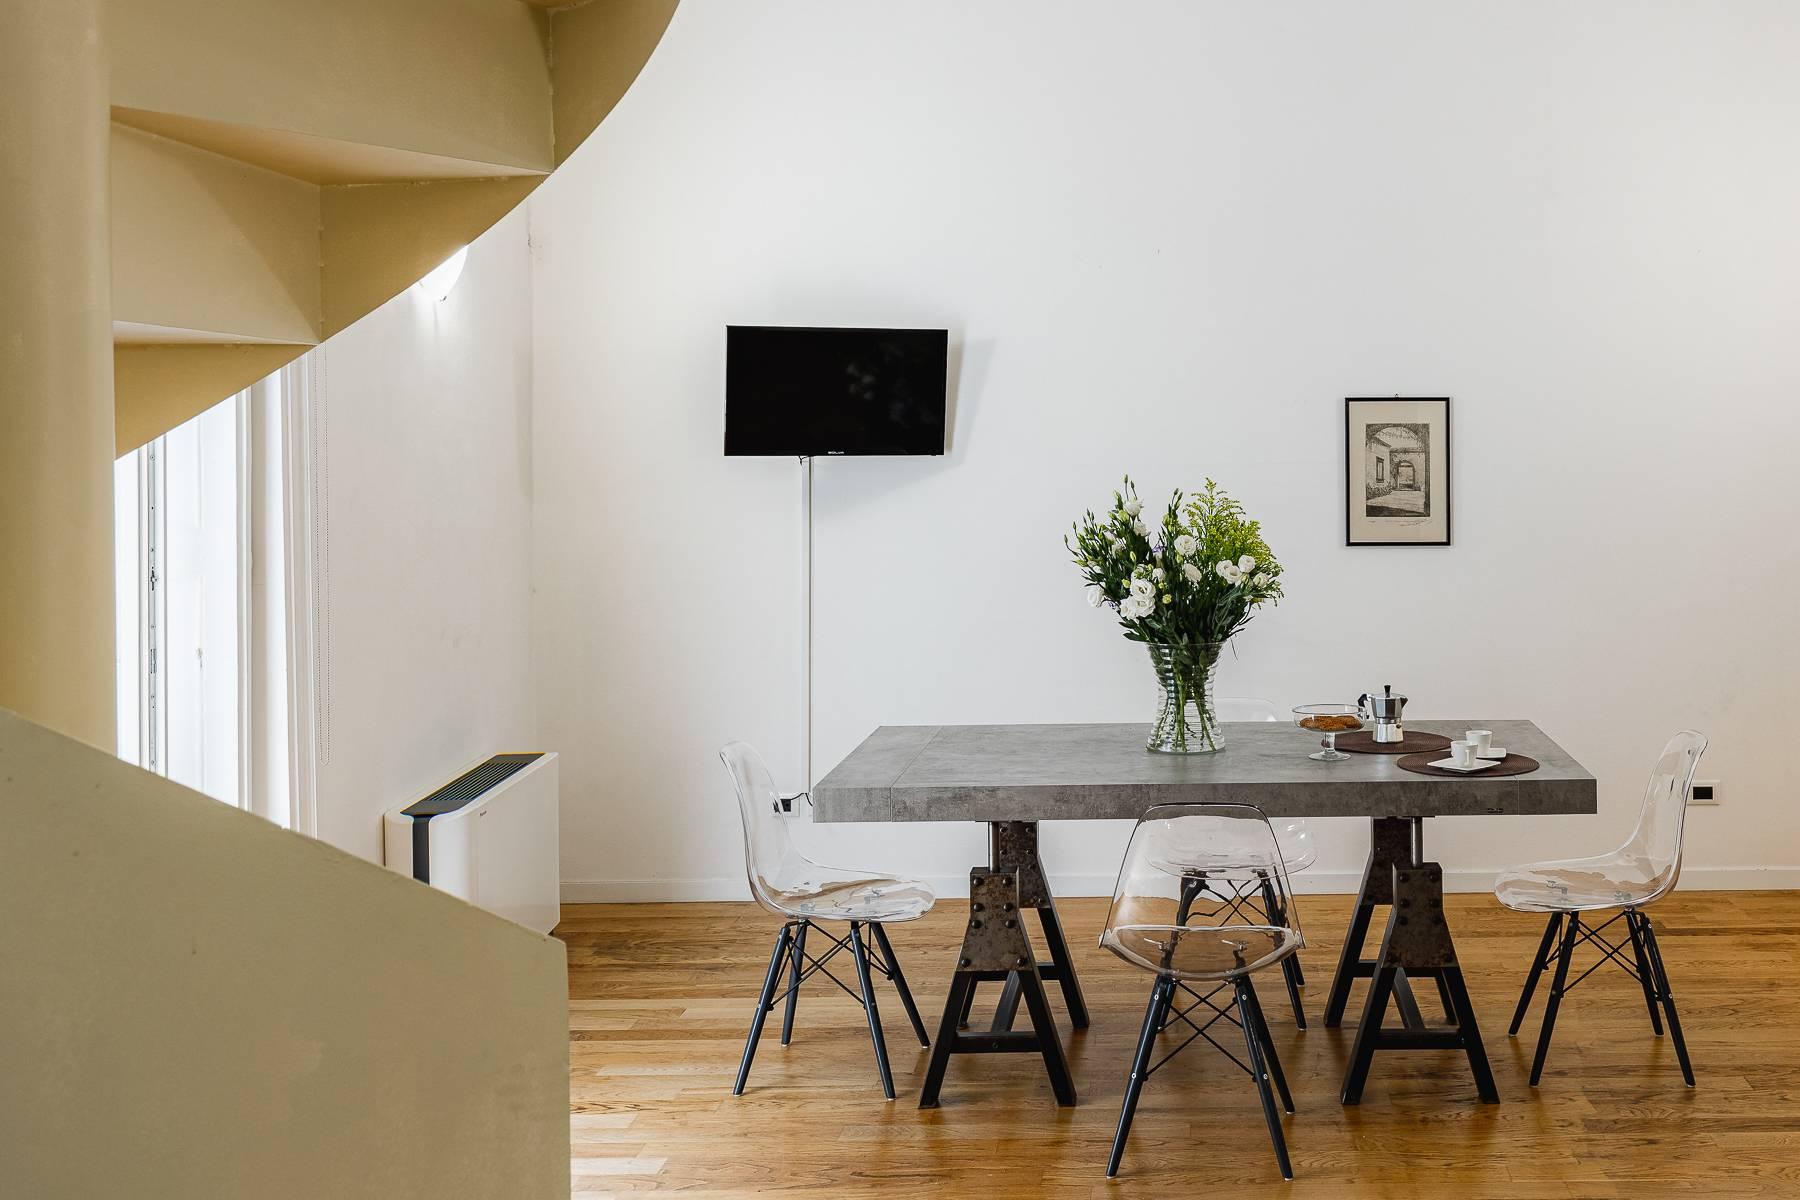 Appartamento in Vendita a Palermo: 4 locali, 154 mq - Foto 25